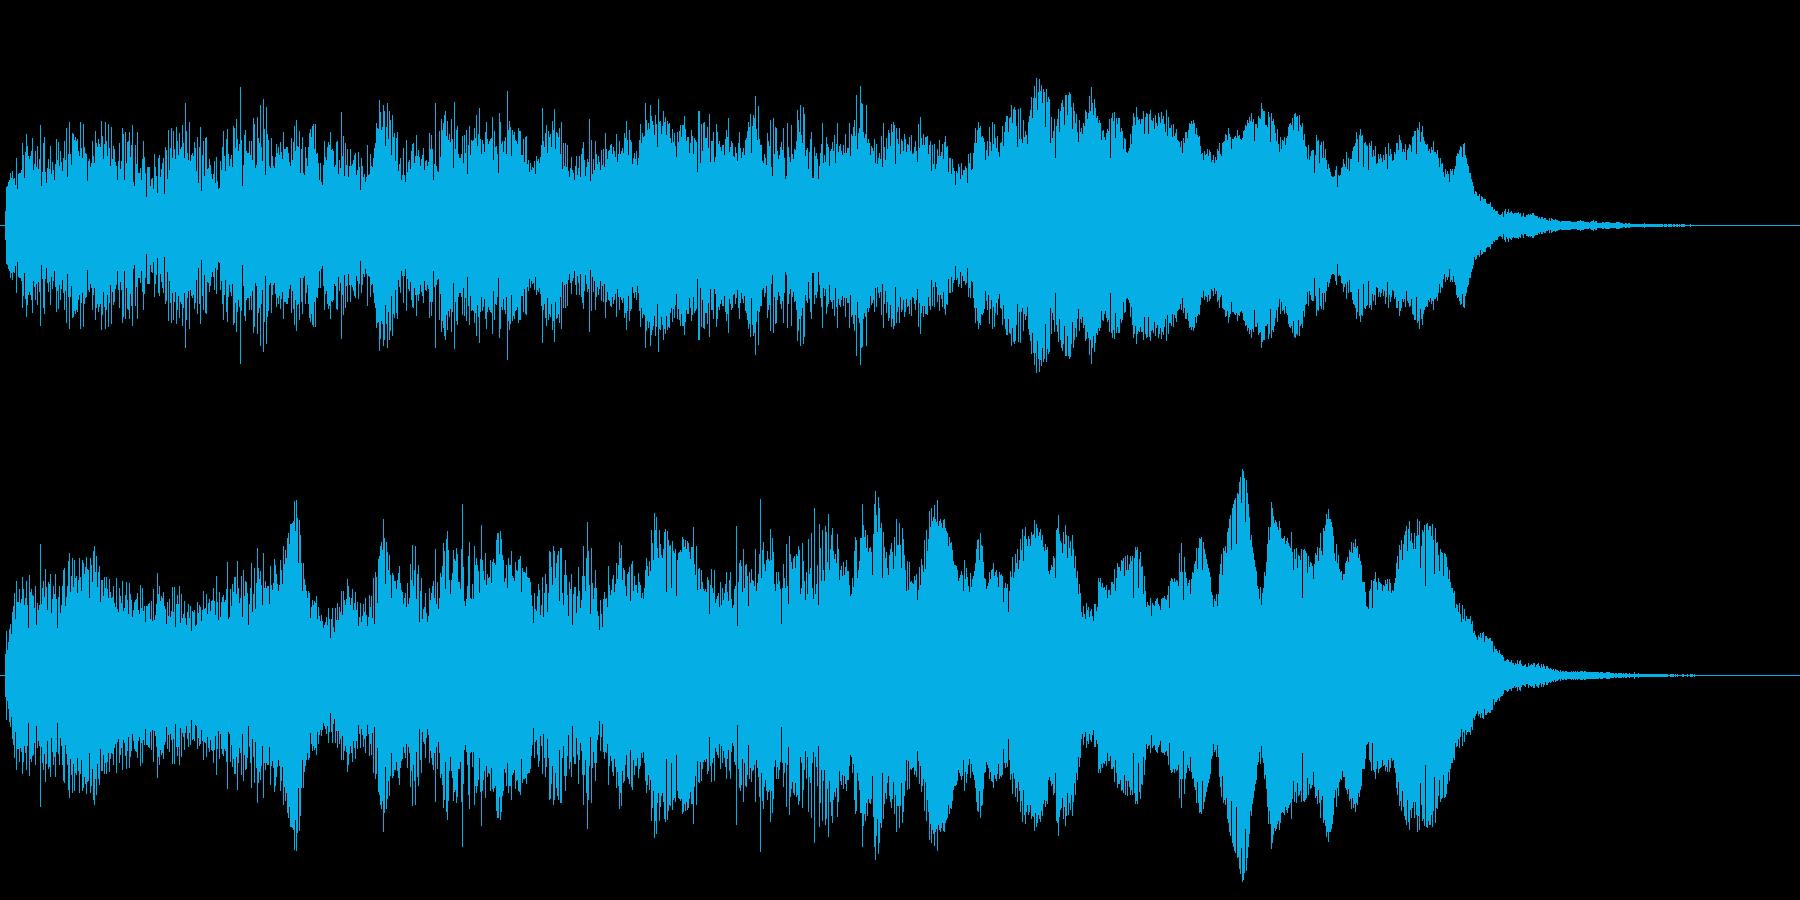 幻想的勇壮なファンファーレ クリア 達成の再生済みの波形